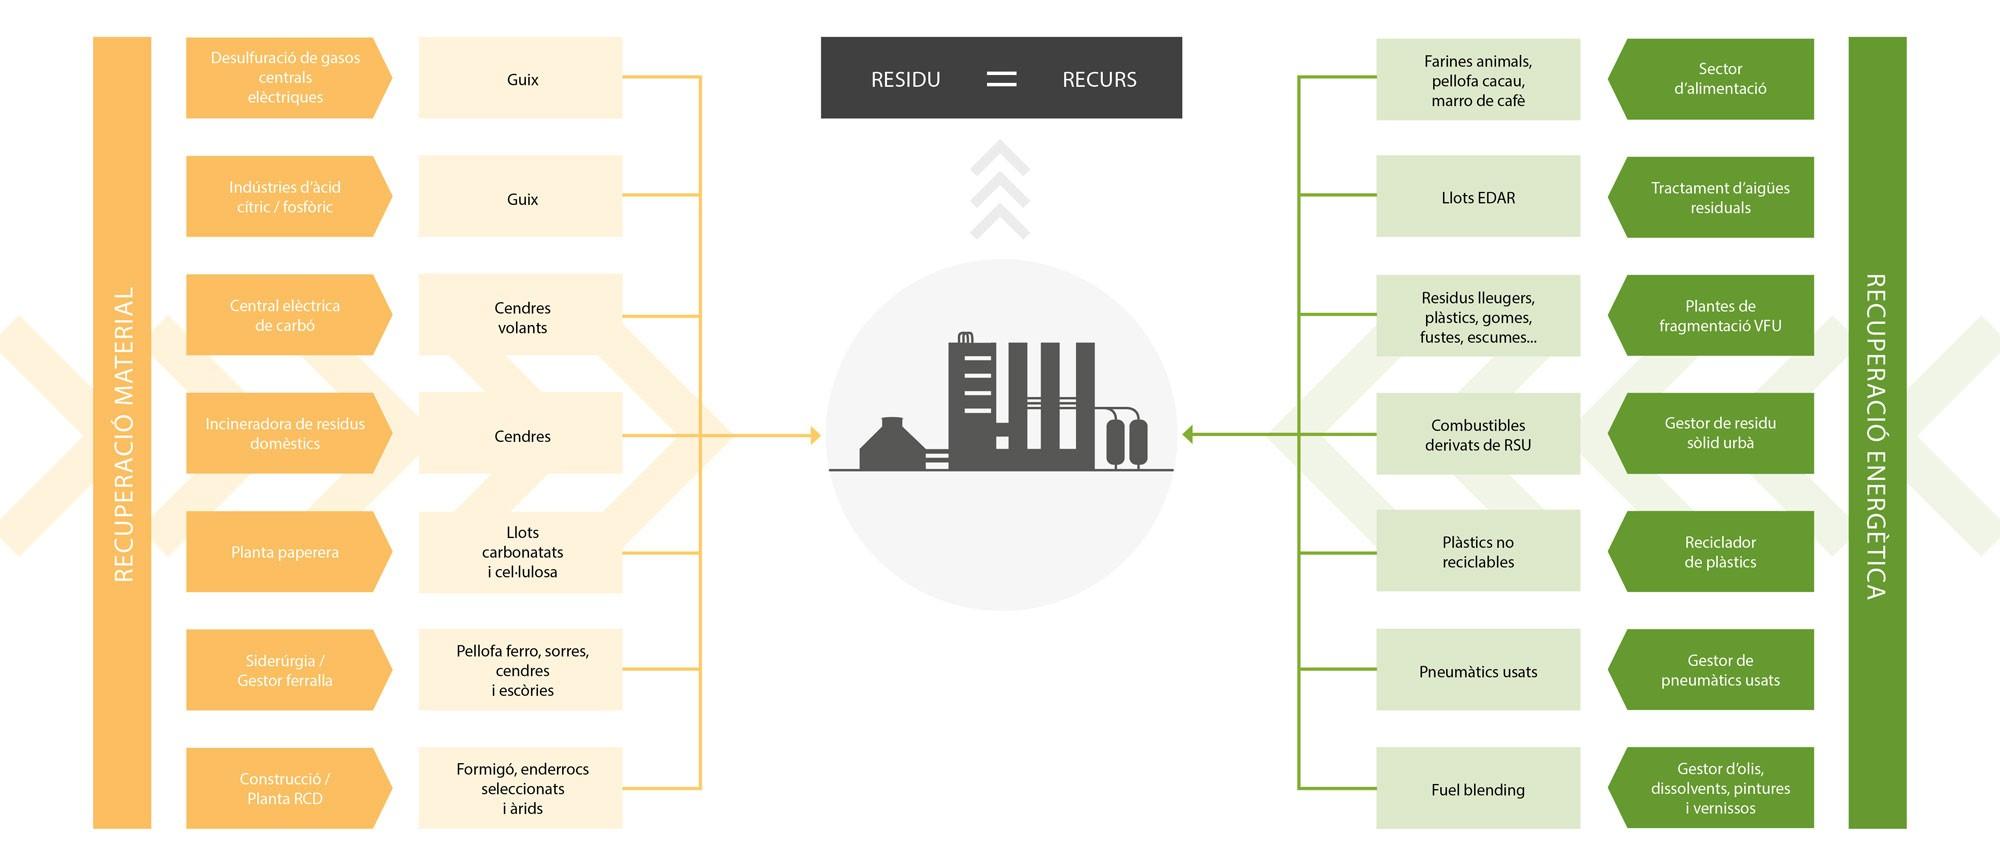 La industria cementera en el marco de la economía circular